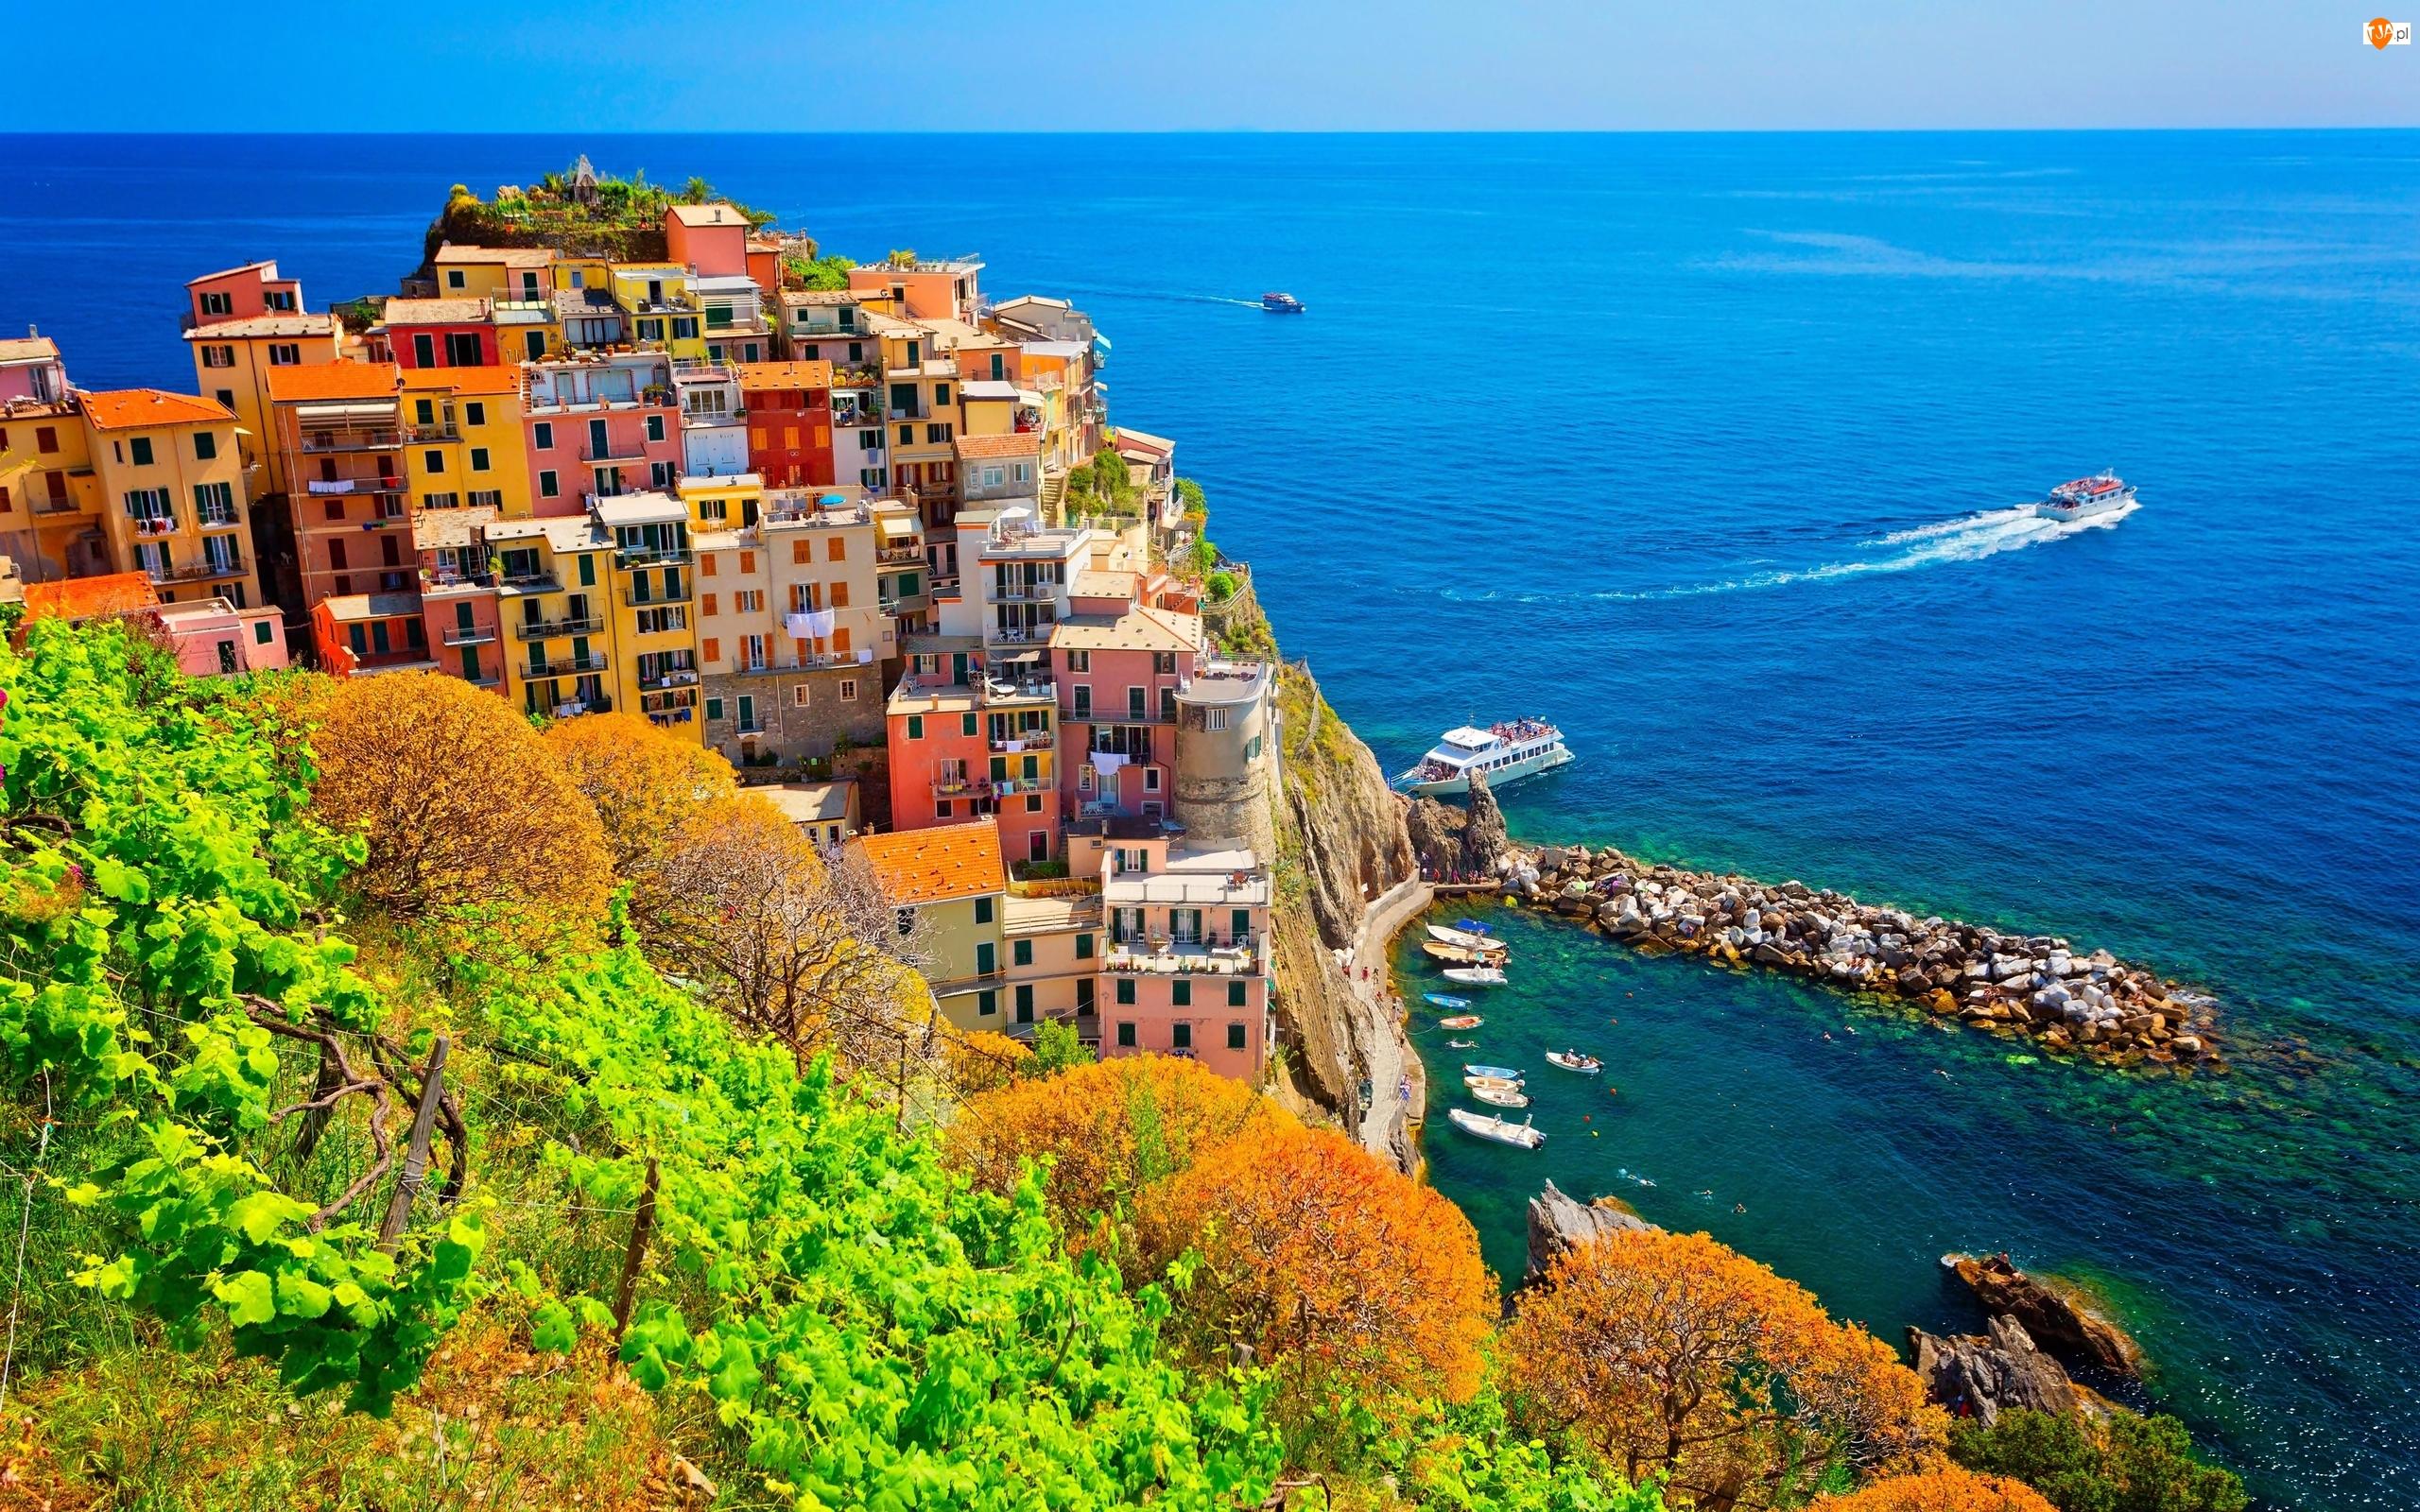 Statki, Gmina Riomaggiore, Drzewa, Kolorowe, Domy, Manarola, Wybrzeże, Włochy, Morze Liguryjskie